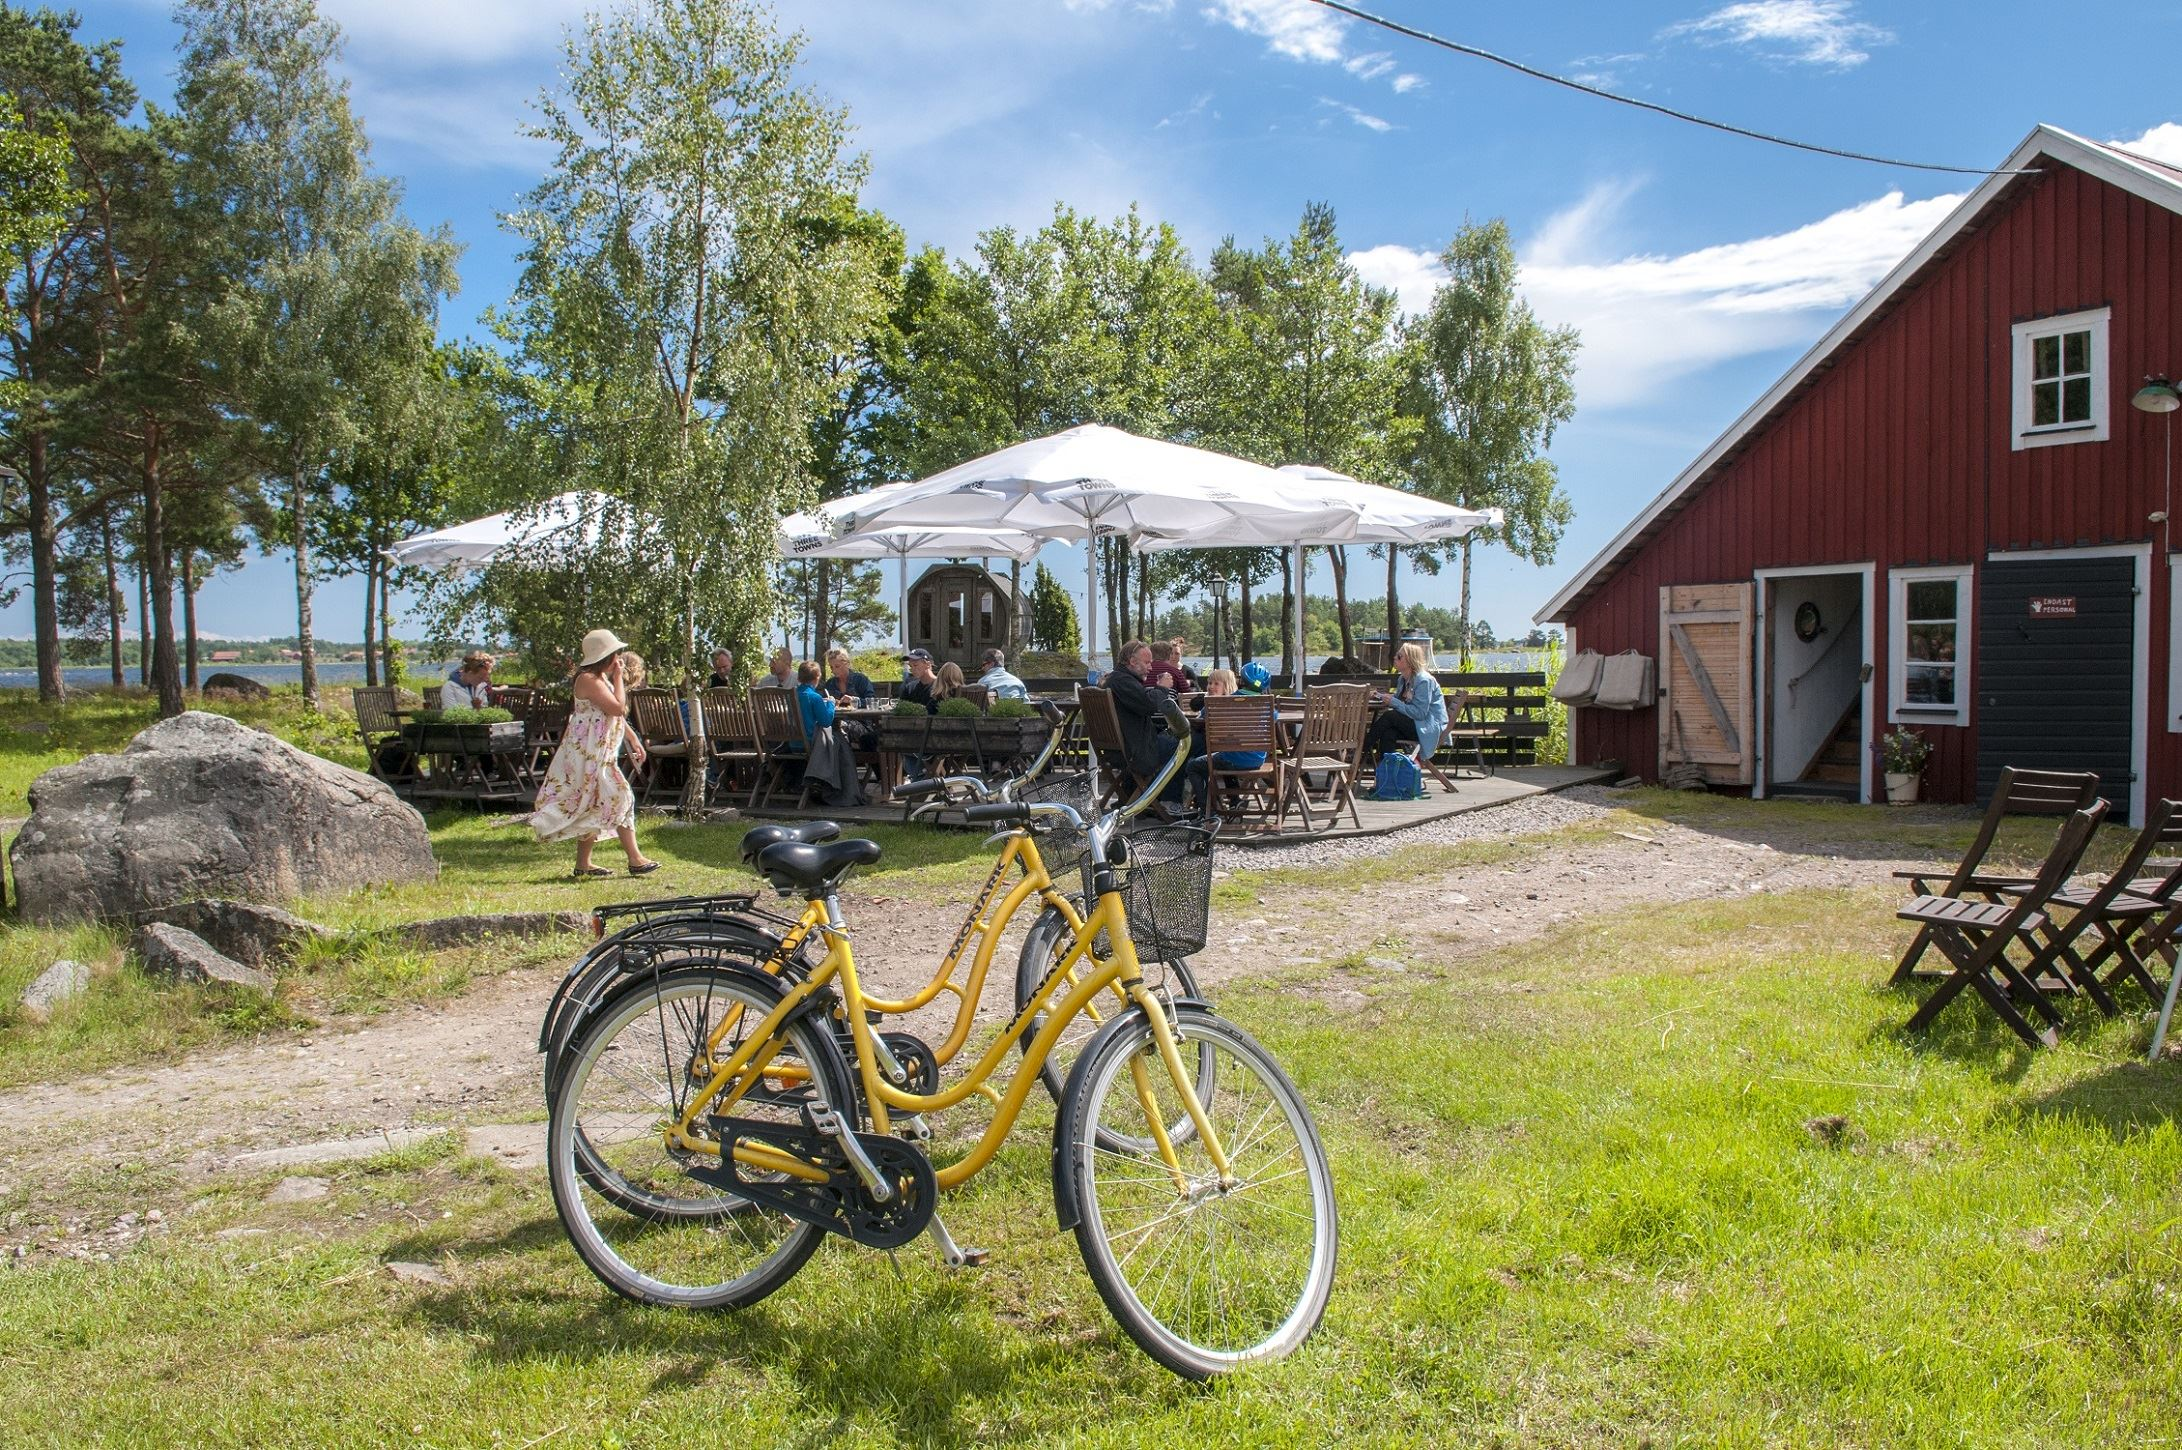 Restaurang Sjökanten, Hasselö